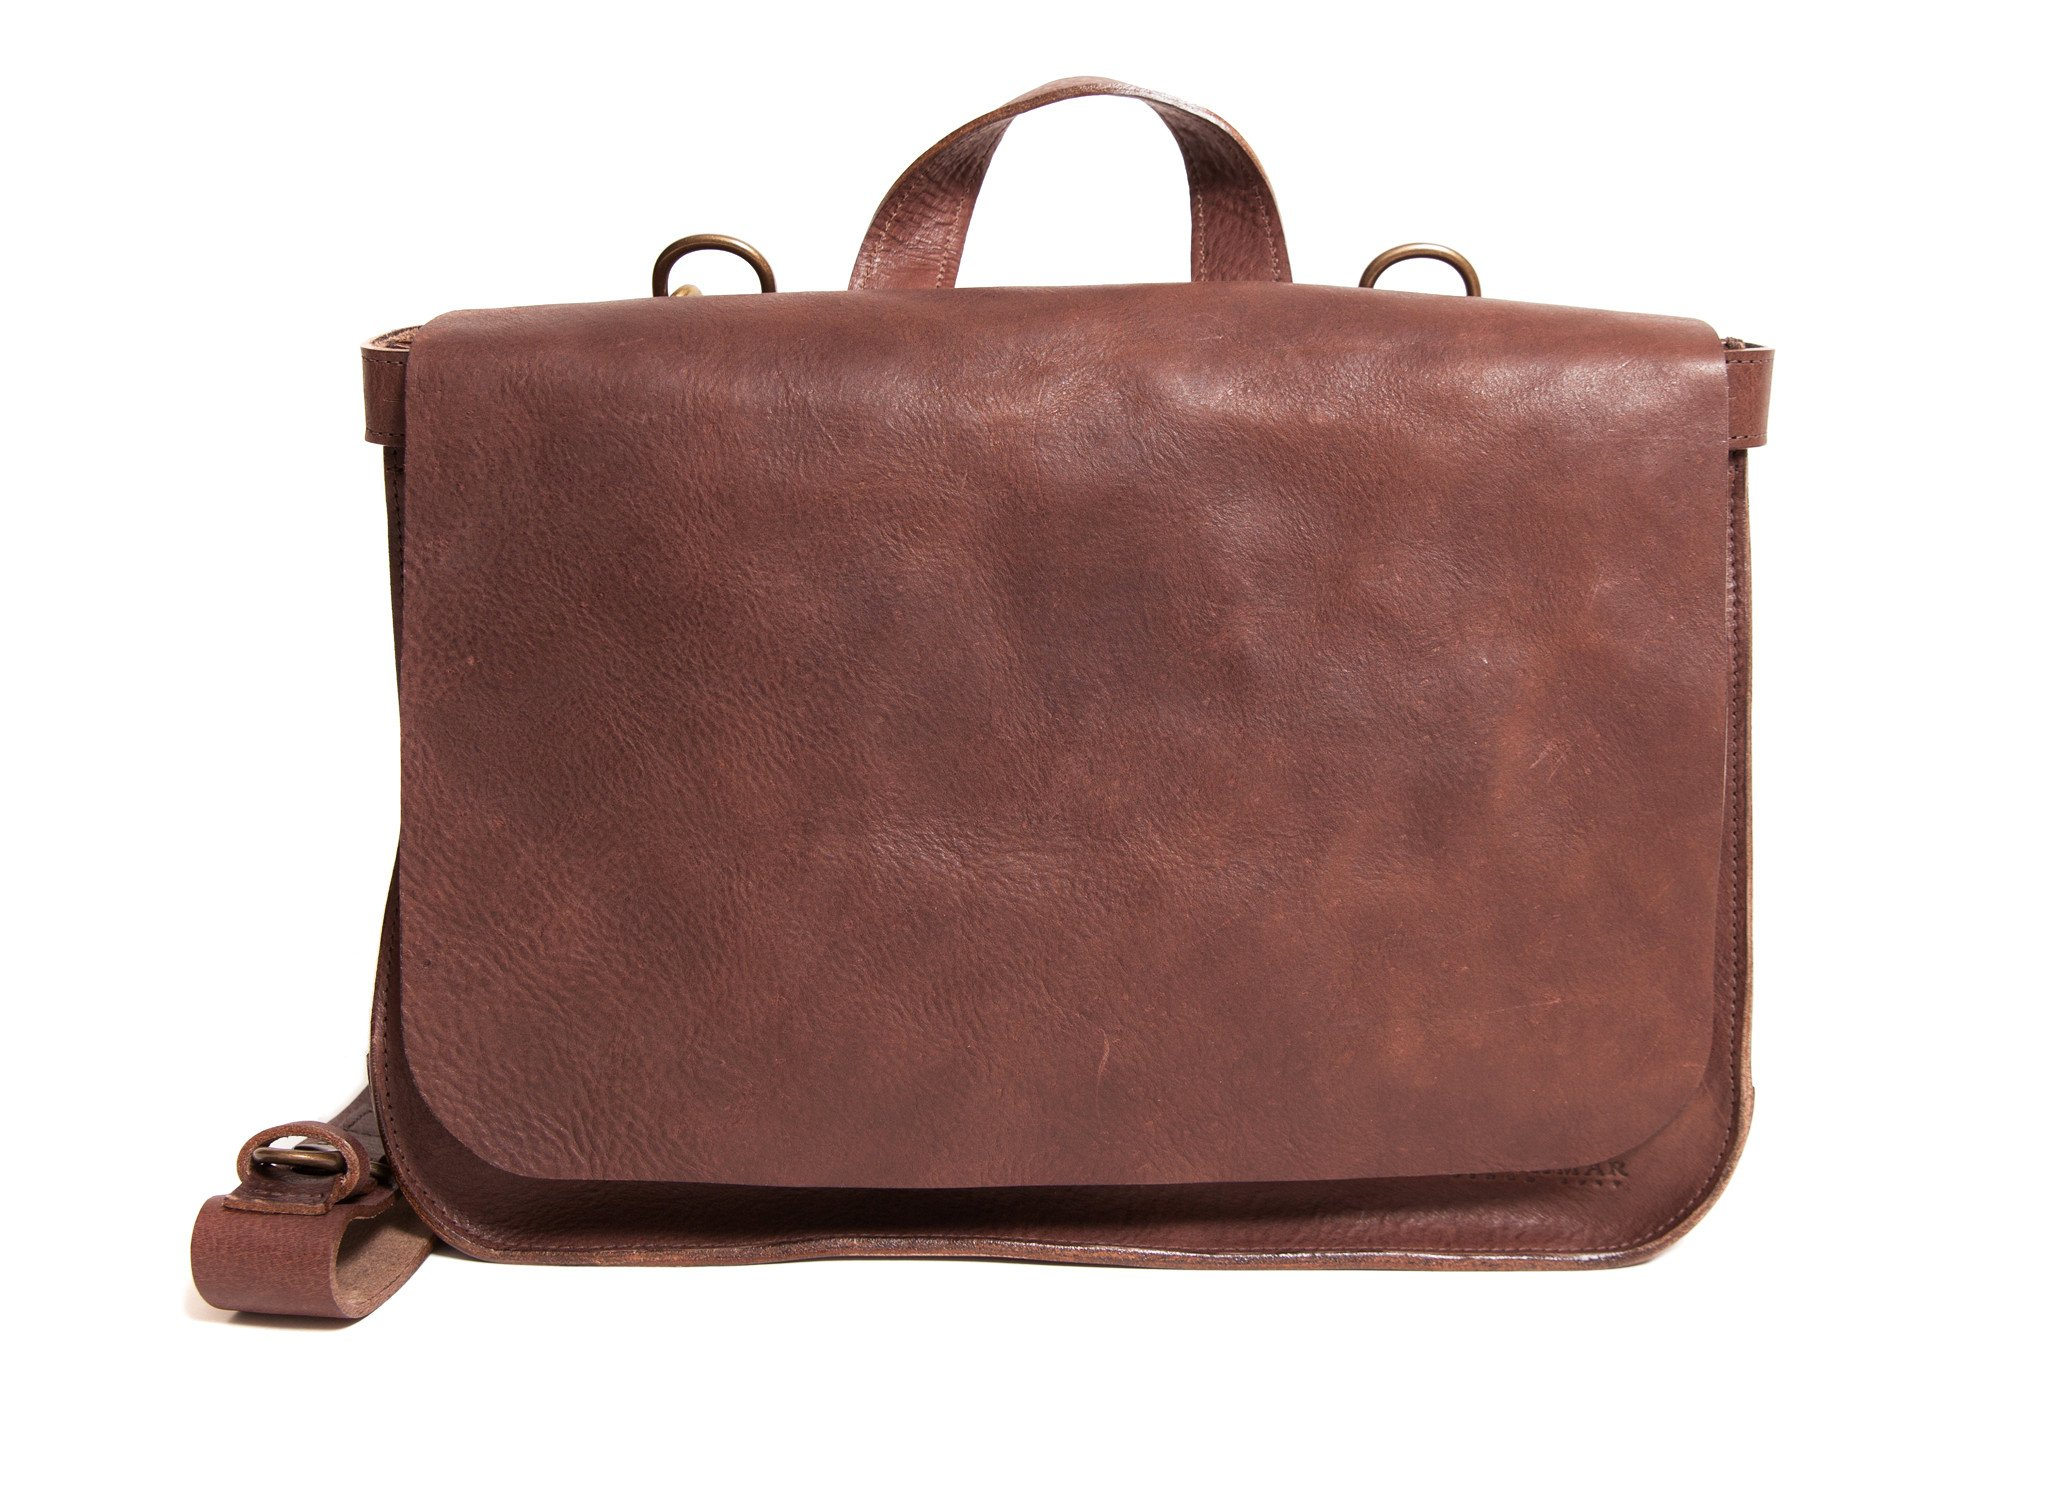 Bộ sưu tập túi xách nam được ưa chuộng hàng ngày của Korchmar